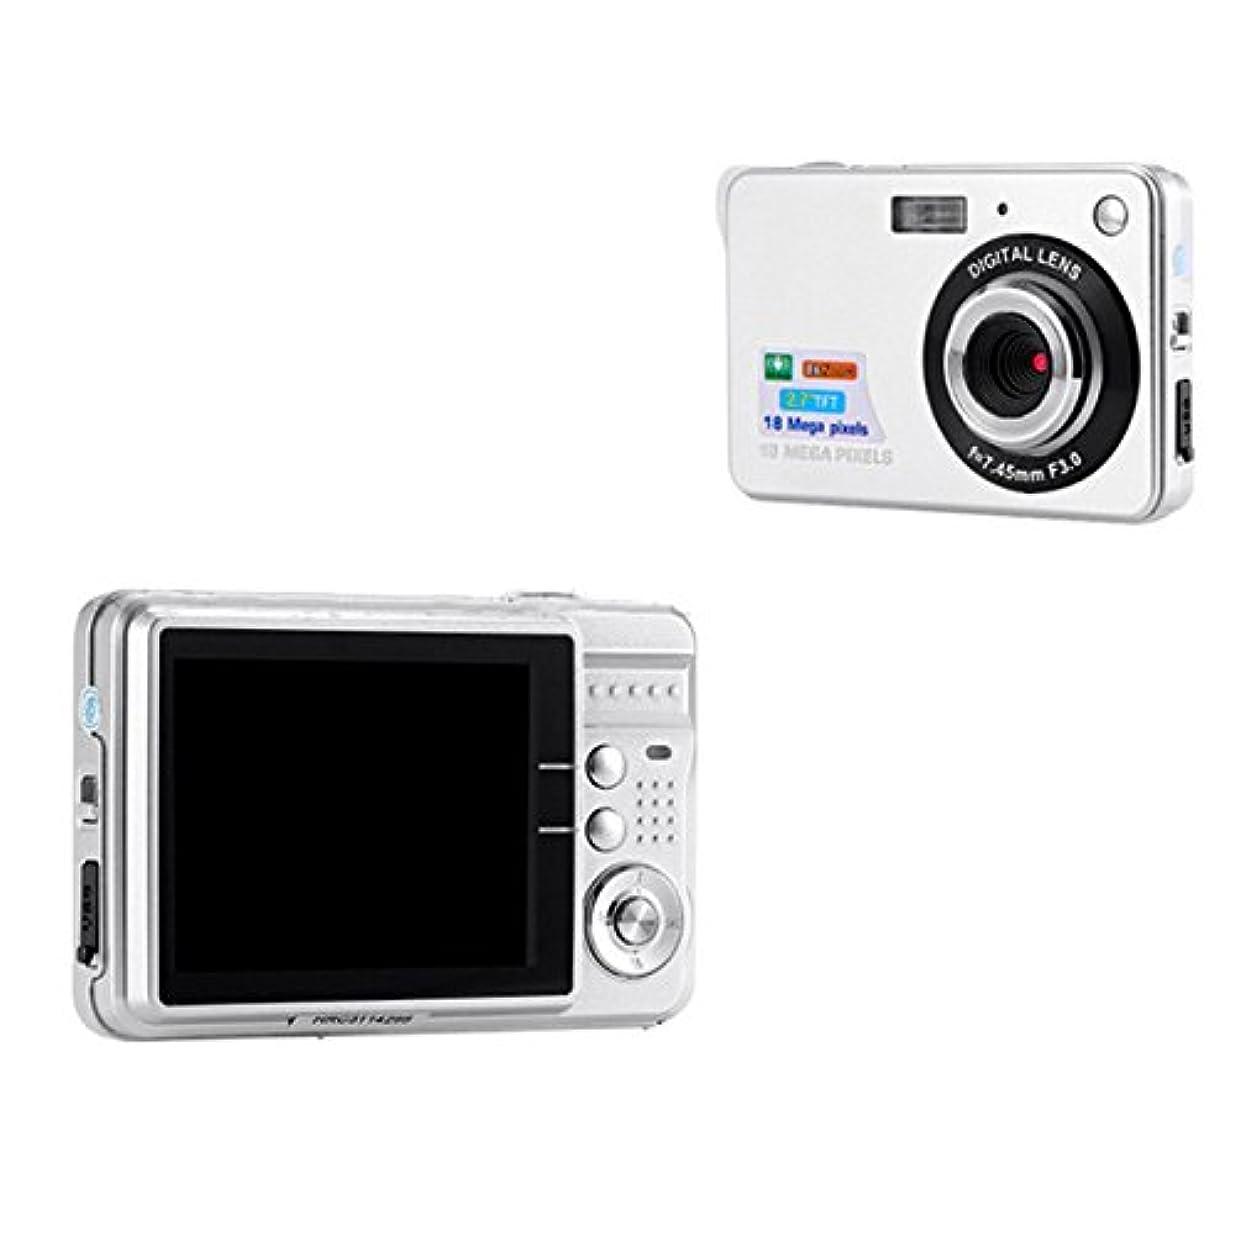 摘むメロドラマティック難民TOPmountain 720P 8倍ズームHDデジタルカメラデジタルビデオカメラ、ポイントとシュートデジタルカメラキッズOutdoorr - ホワイト